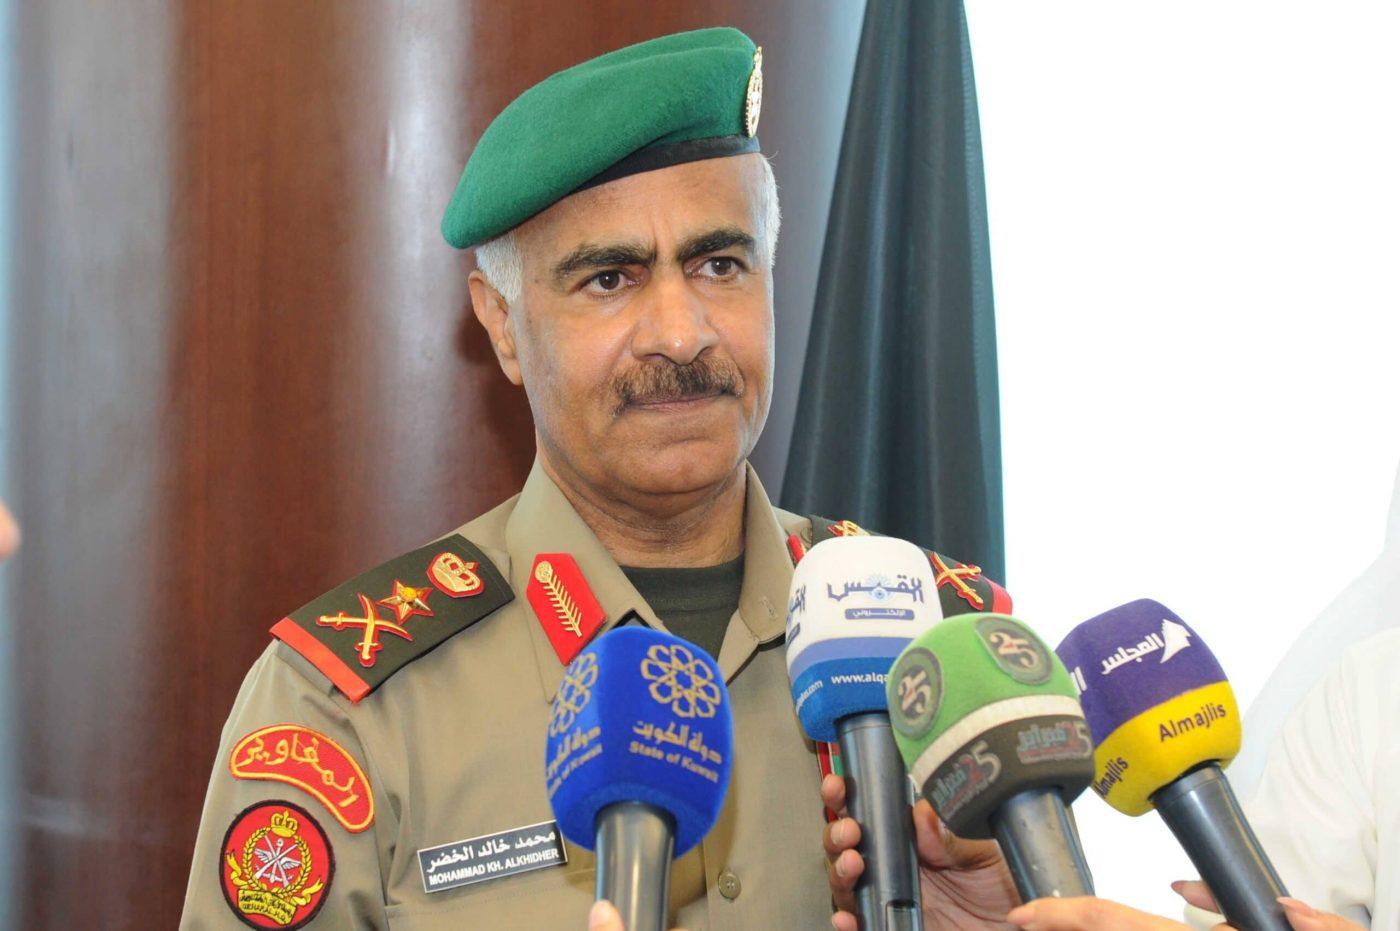 إحالة رئيس الأركان الكويتي للتقاعد في أول إجراء يتخذ في عهد أمير الكويت الجديد نواف الأحمد